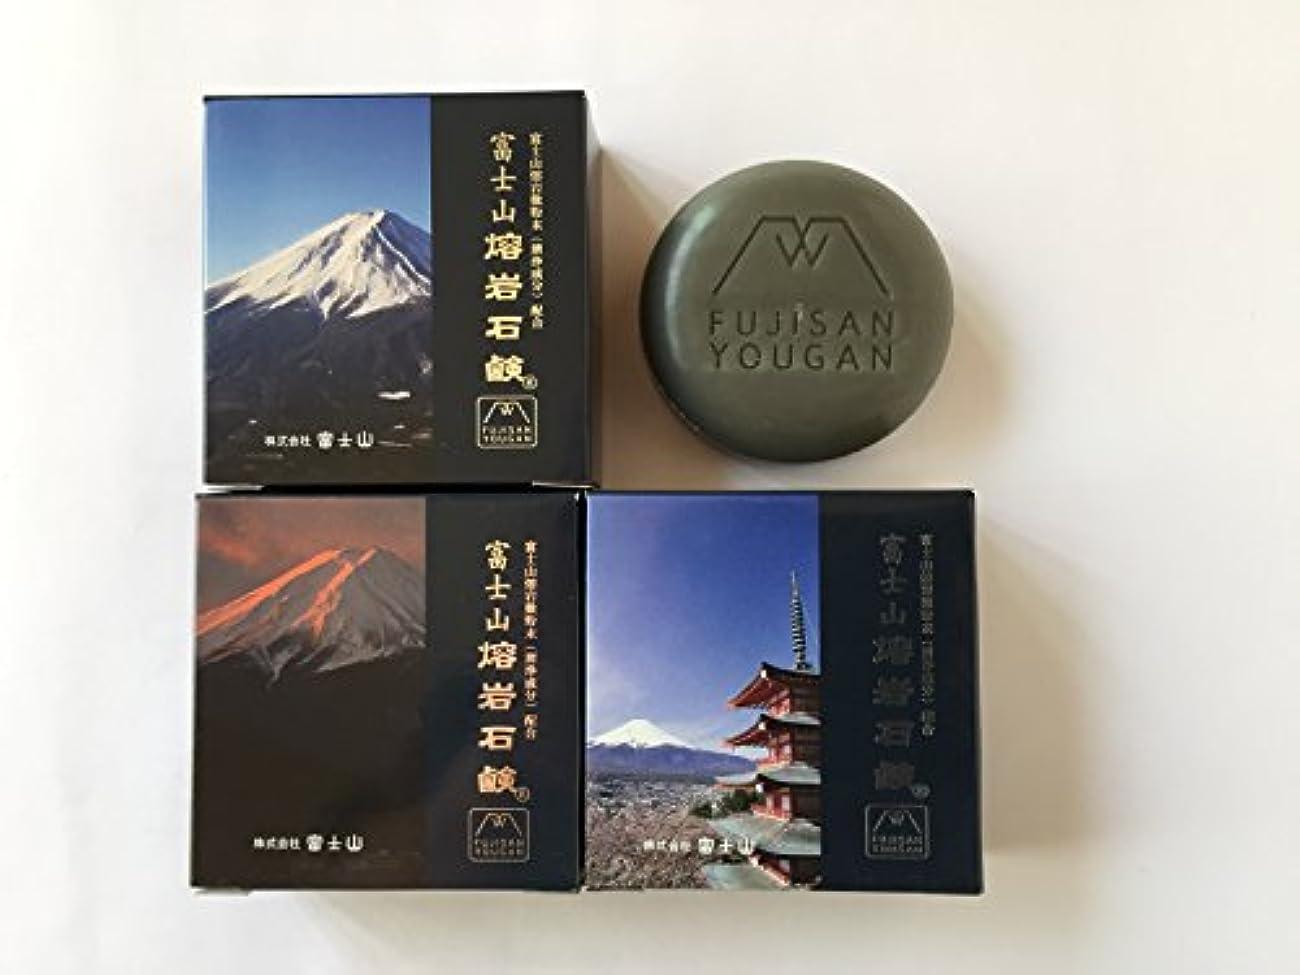 梨エッセイ兄富士山溶岩石鹸(富士山写真化粧箱入り)お得用50g/個3種セット×2組(6個)